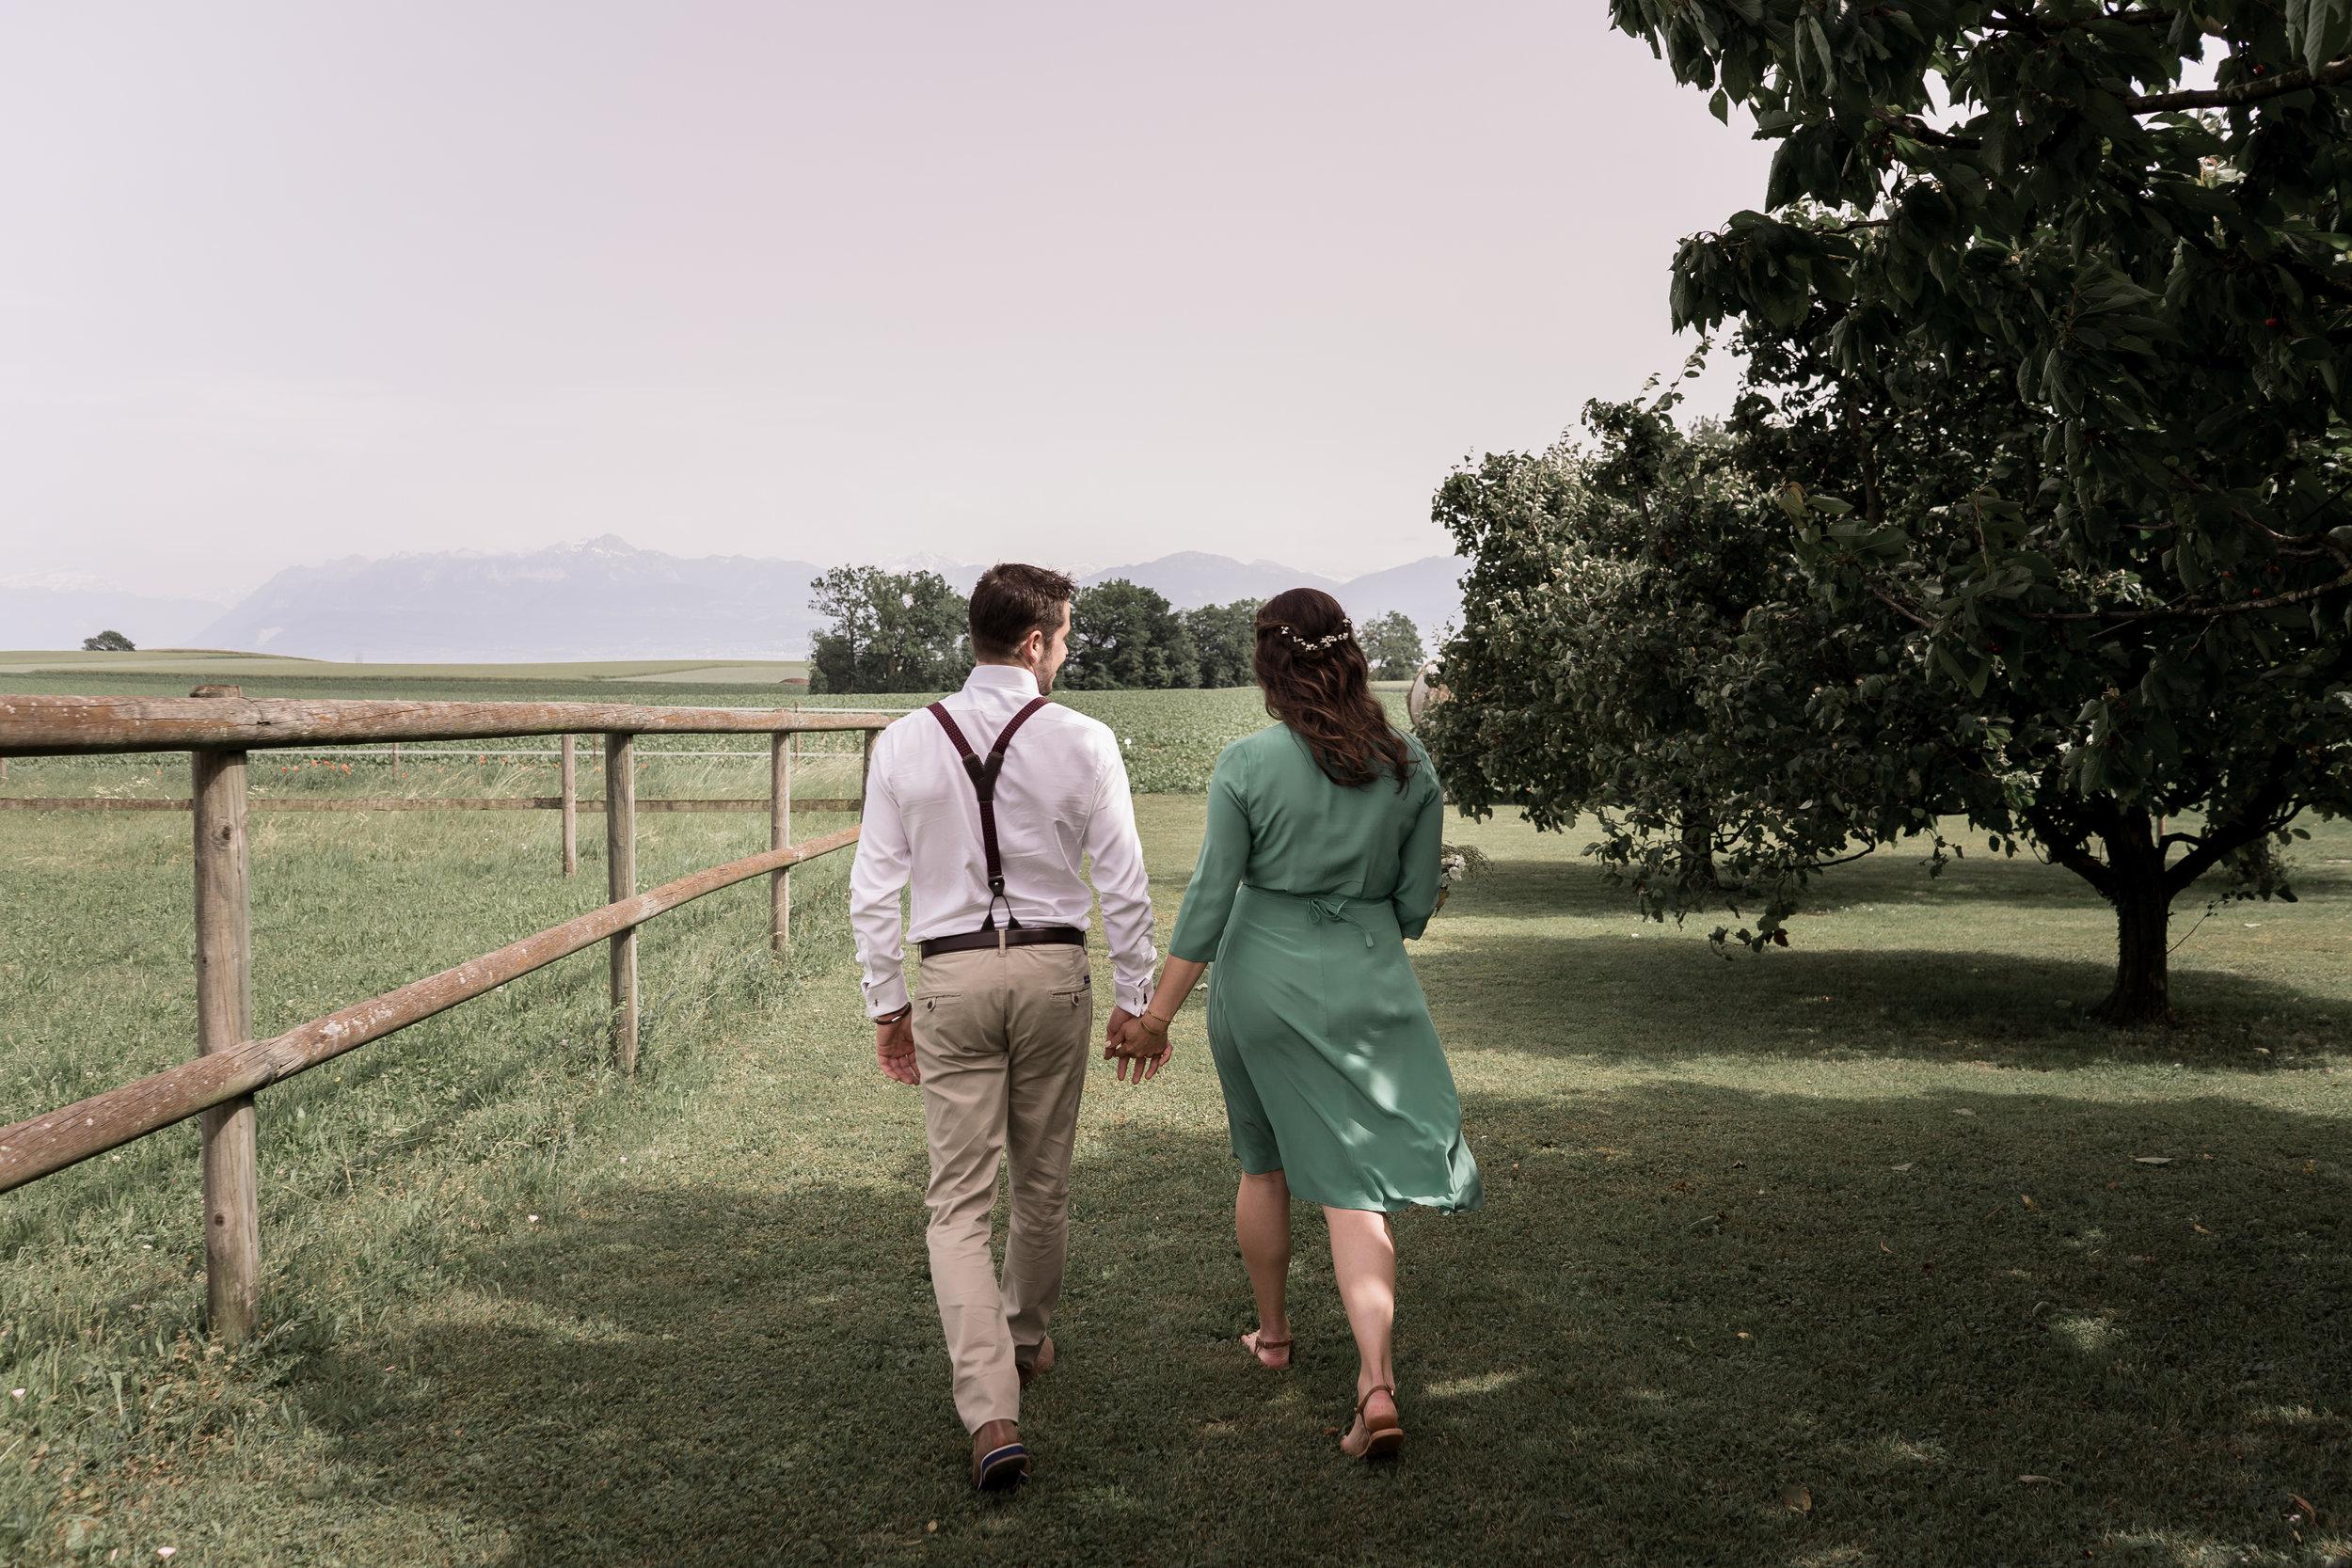 M&M - «Super photographe de mariage! Sam a su nous mettre à l'aise tout au long et a capturé les moments magiques de cette belle journée. Les portraits qu'elle a fait sont également magnifiques! Nous étions enchantés et la recommandons à 200% Le rendu des photos est romantique et très naturel! Encore un immense merci!»